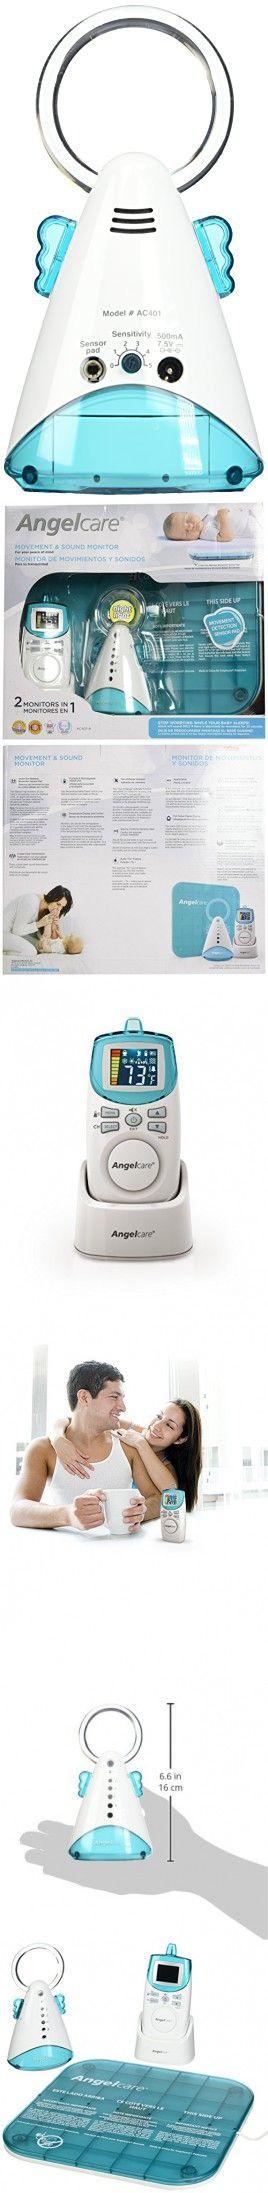 Angelcare Movement and Sound Monitor, Aqua/White